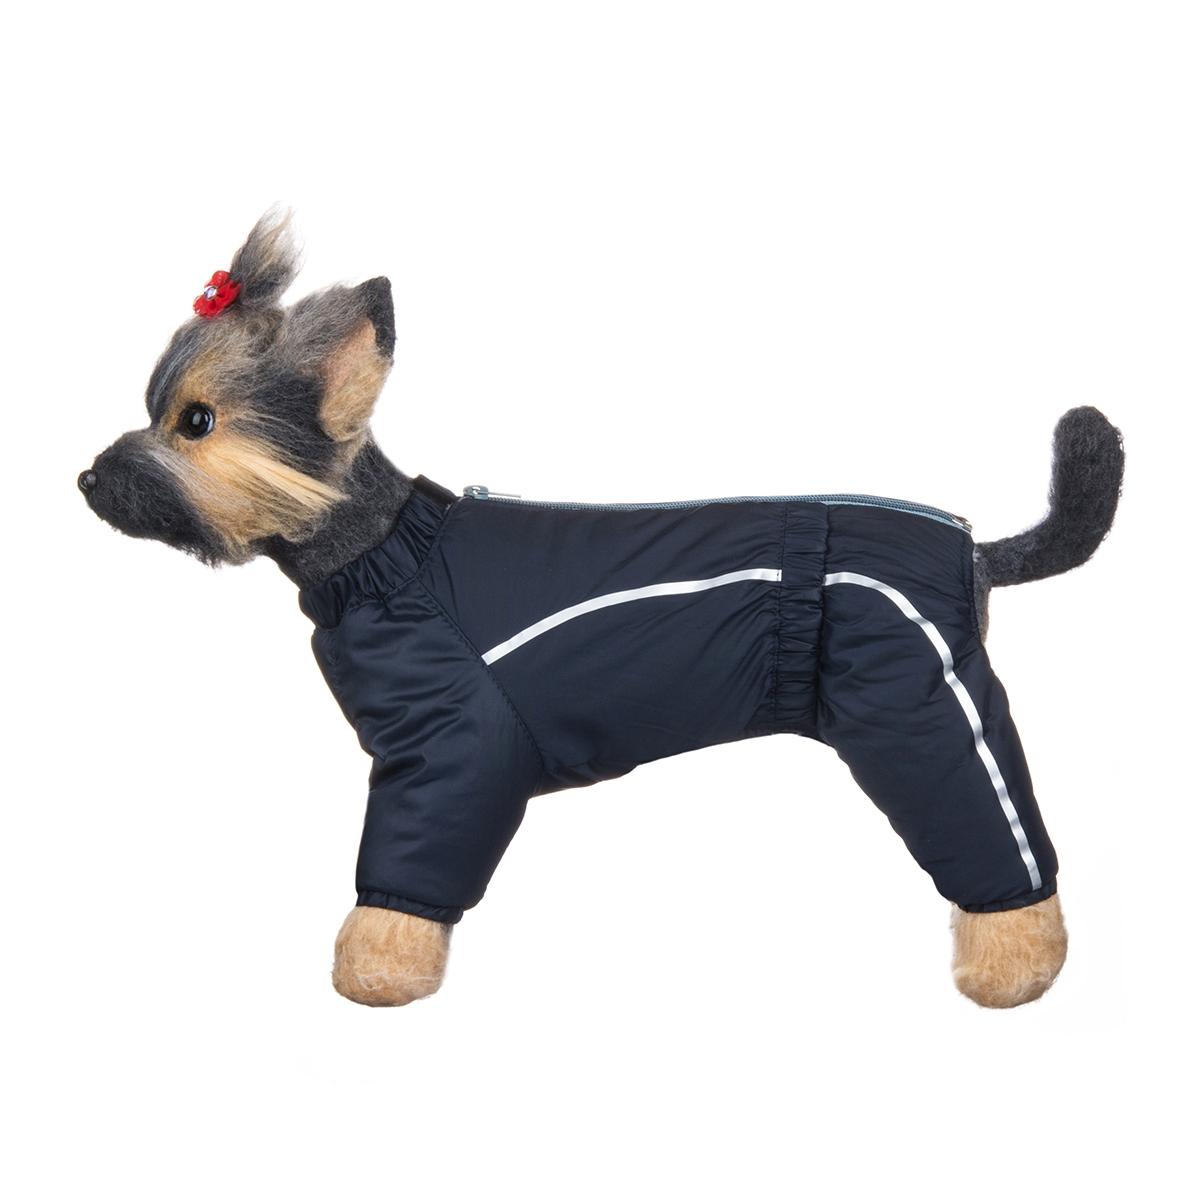 Комбинезон для собак Dogmoda Альпы, зимний, для мальчика, цвет: синий, светло-серый. Размер 2 (M)DM-150351-2Зимний комбинезон для собак Dogmoda Альпы отлично подойдет для прогулок в зимнее время года. Комбинезон изготовлен из полиэстера, защищающего от ветра и снега, с утеплителем из синтепона, который сохранит тепло даже в сильные морозы, а на подкладке используется искусственный мех, который обеспечивает отличный воздухообмен. Комбинезон застегивается на молнию и липучку, благодаря чему его легко надевать и снимать. Ворот, низ рукавов и брючин оснащены внутренними резинками, которые мягко обхватывают шею и лапки, не позволяя просачиваться холодному воздуху. На пояснице имеется внутренняя резинка. Изделие декорировано серебристыми полосками и надписью DM.Благодаря такому комбинезону простуда не грозит вашему питомцу и он сможет испытать не сравнимое удовольствие от снежных игр и забав.Одежда для собак: нужна ли она и как её выбрать. Статья OZON Гид